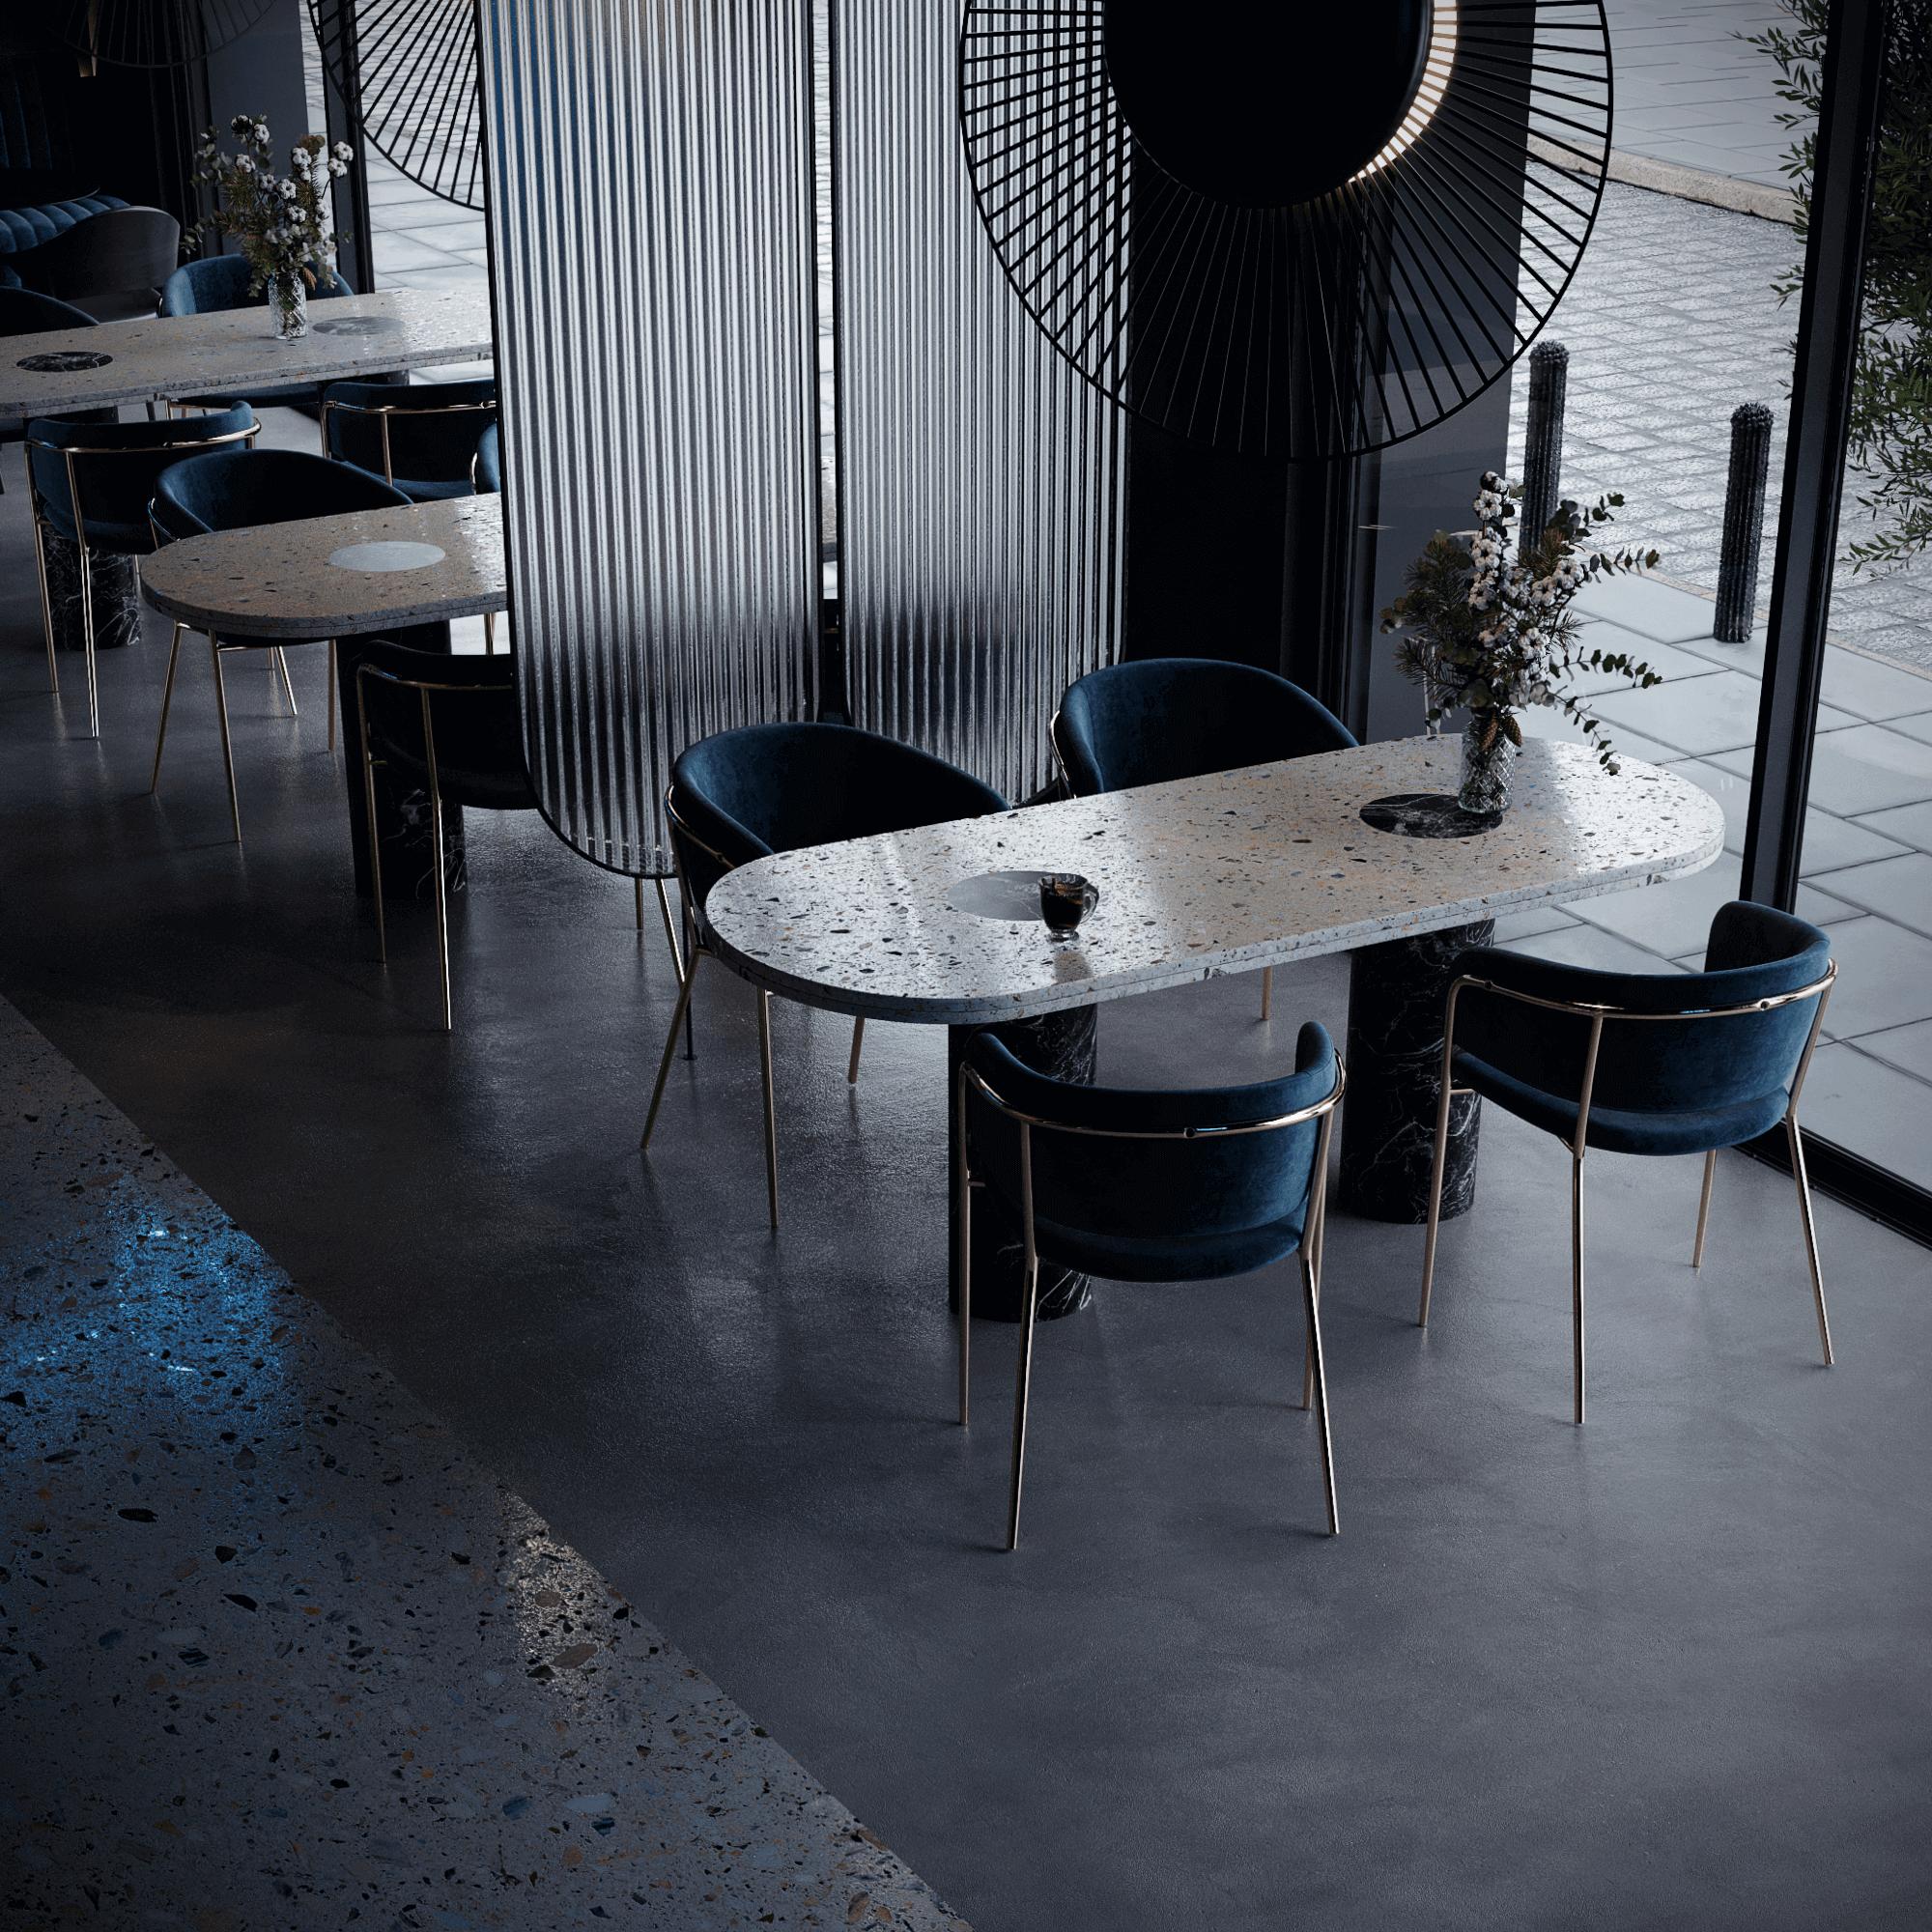 studio-autograph-ltd-berlin-design-cafe1-min-2